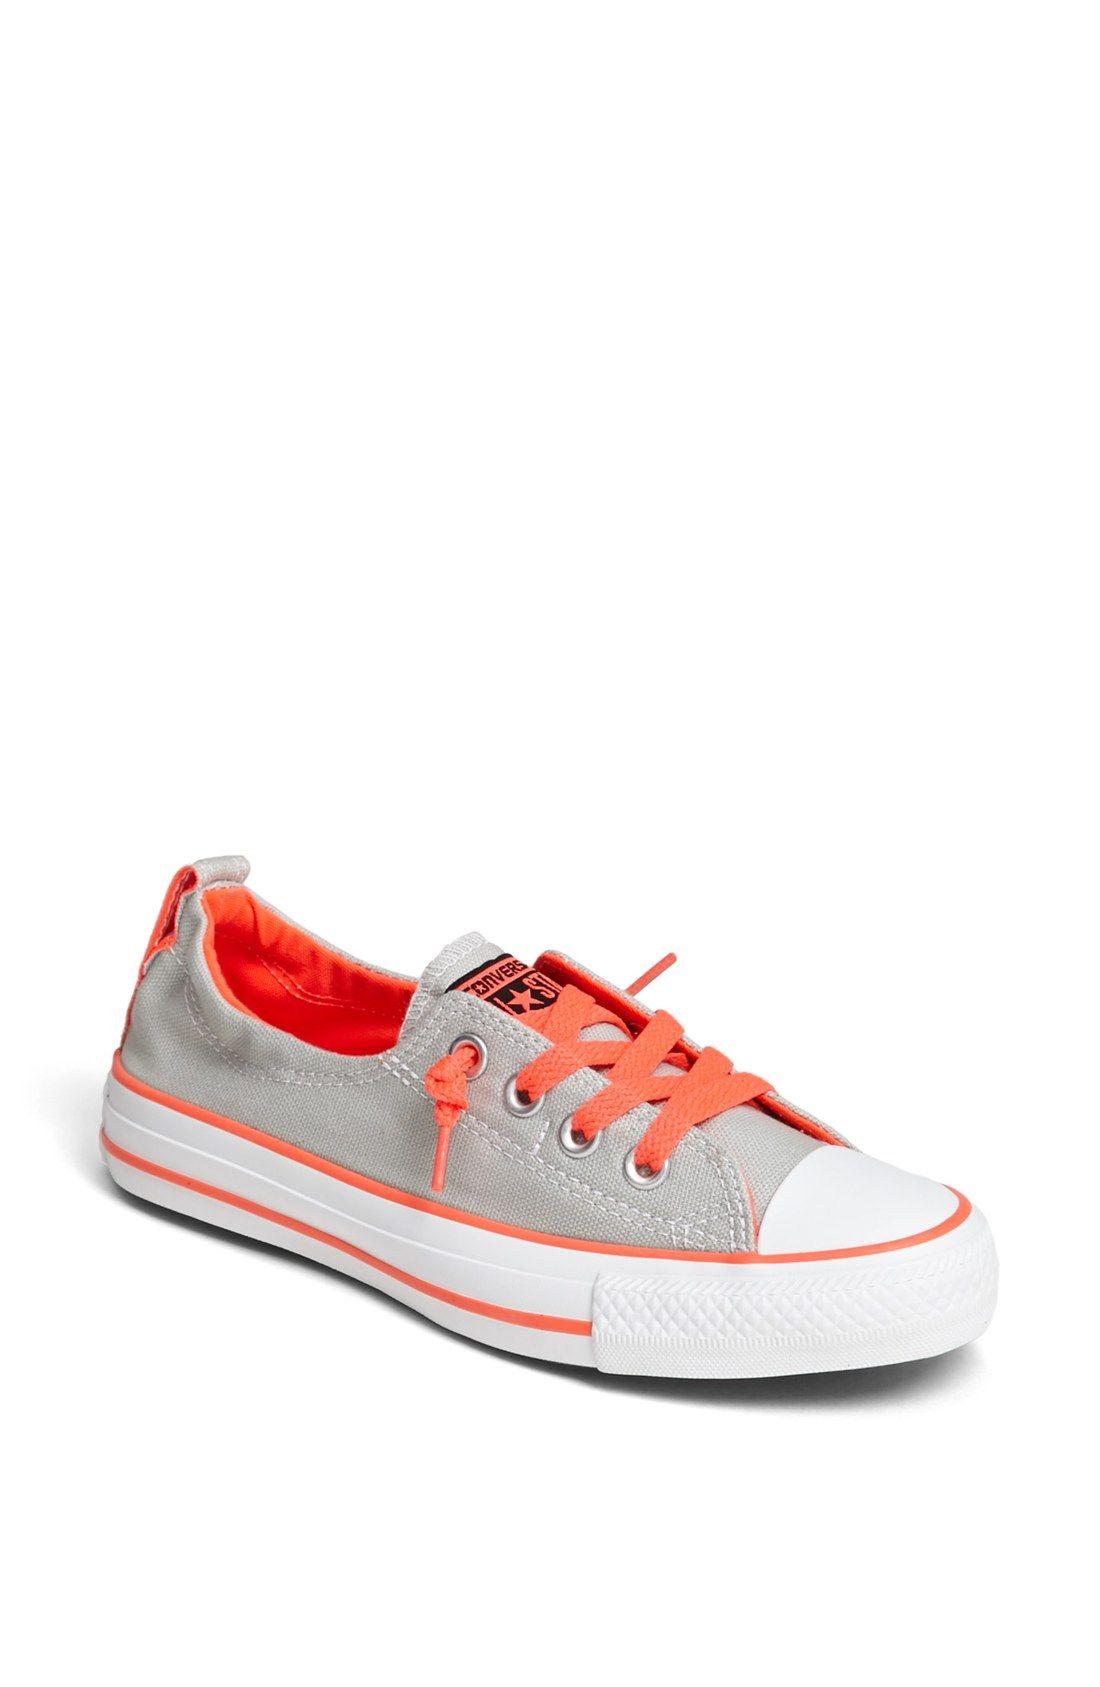 8ad2bef62c81 Converse Chuck Taylor Shoreline Sneaker in Gray (Grey  Violet)